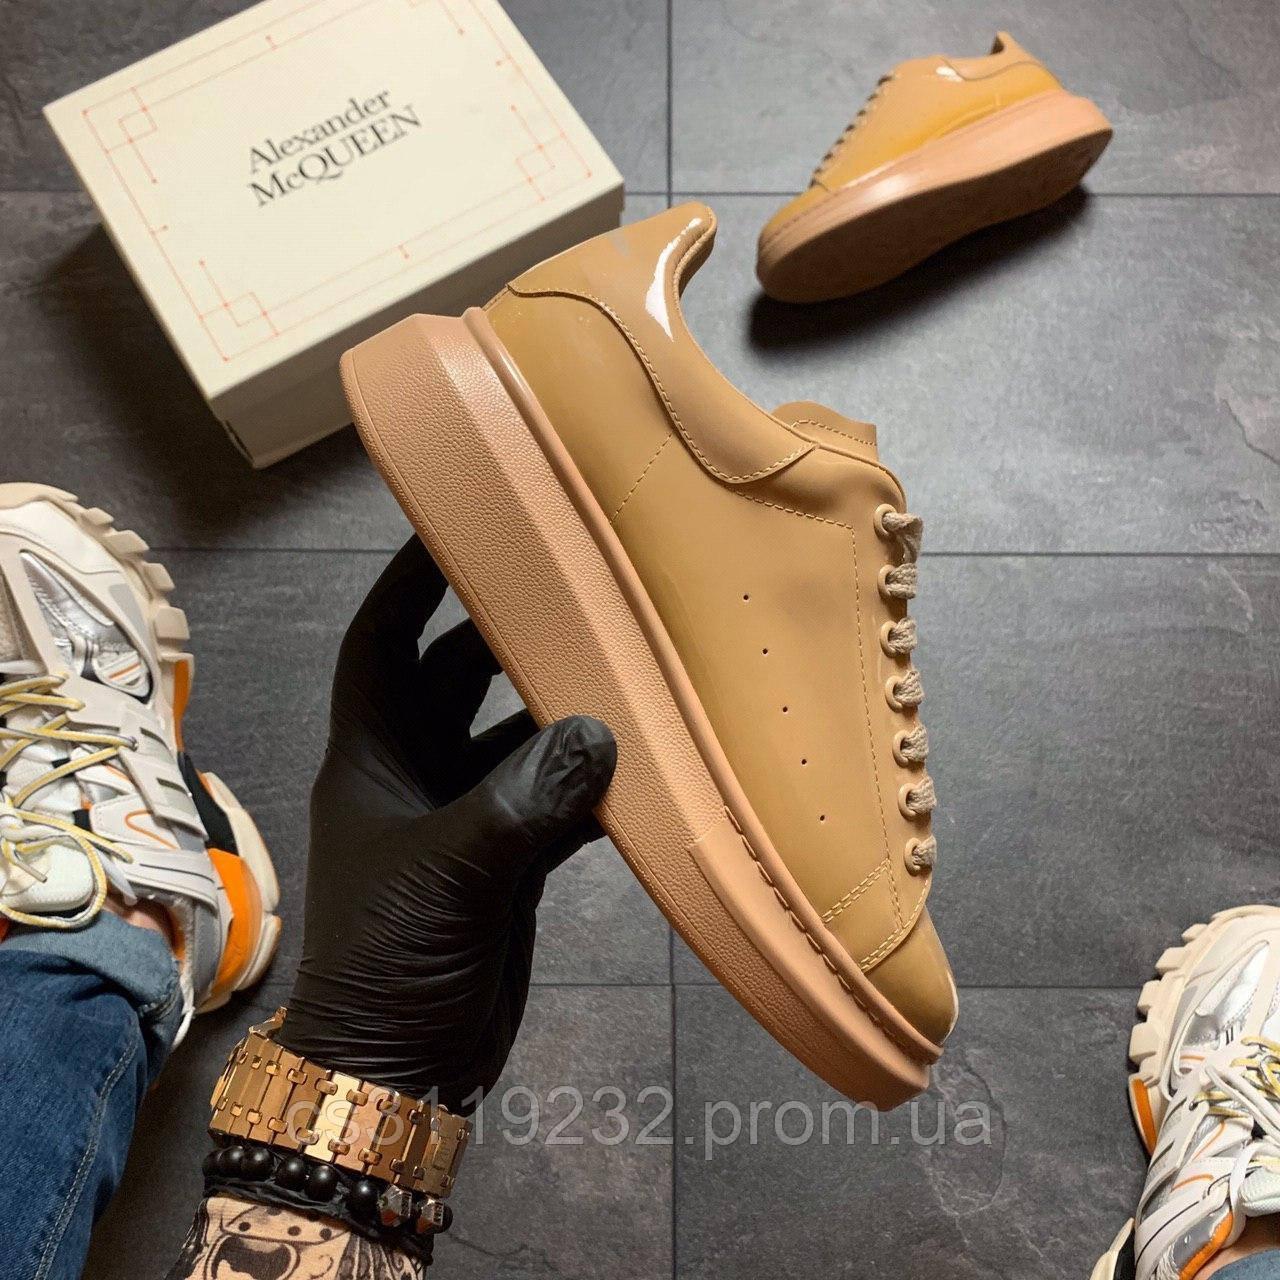 Жіночі кросівки Pattent Beige (бежевий)